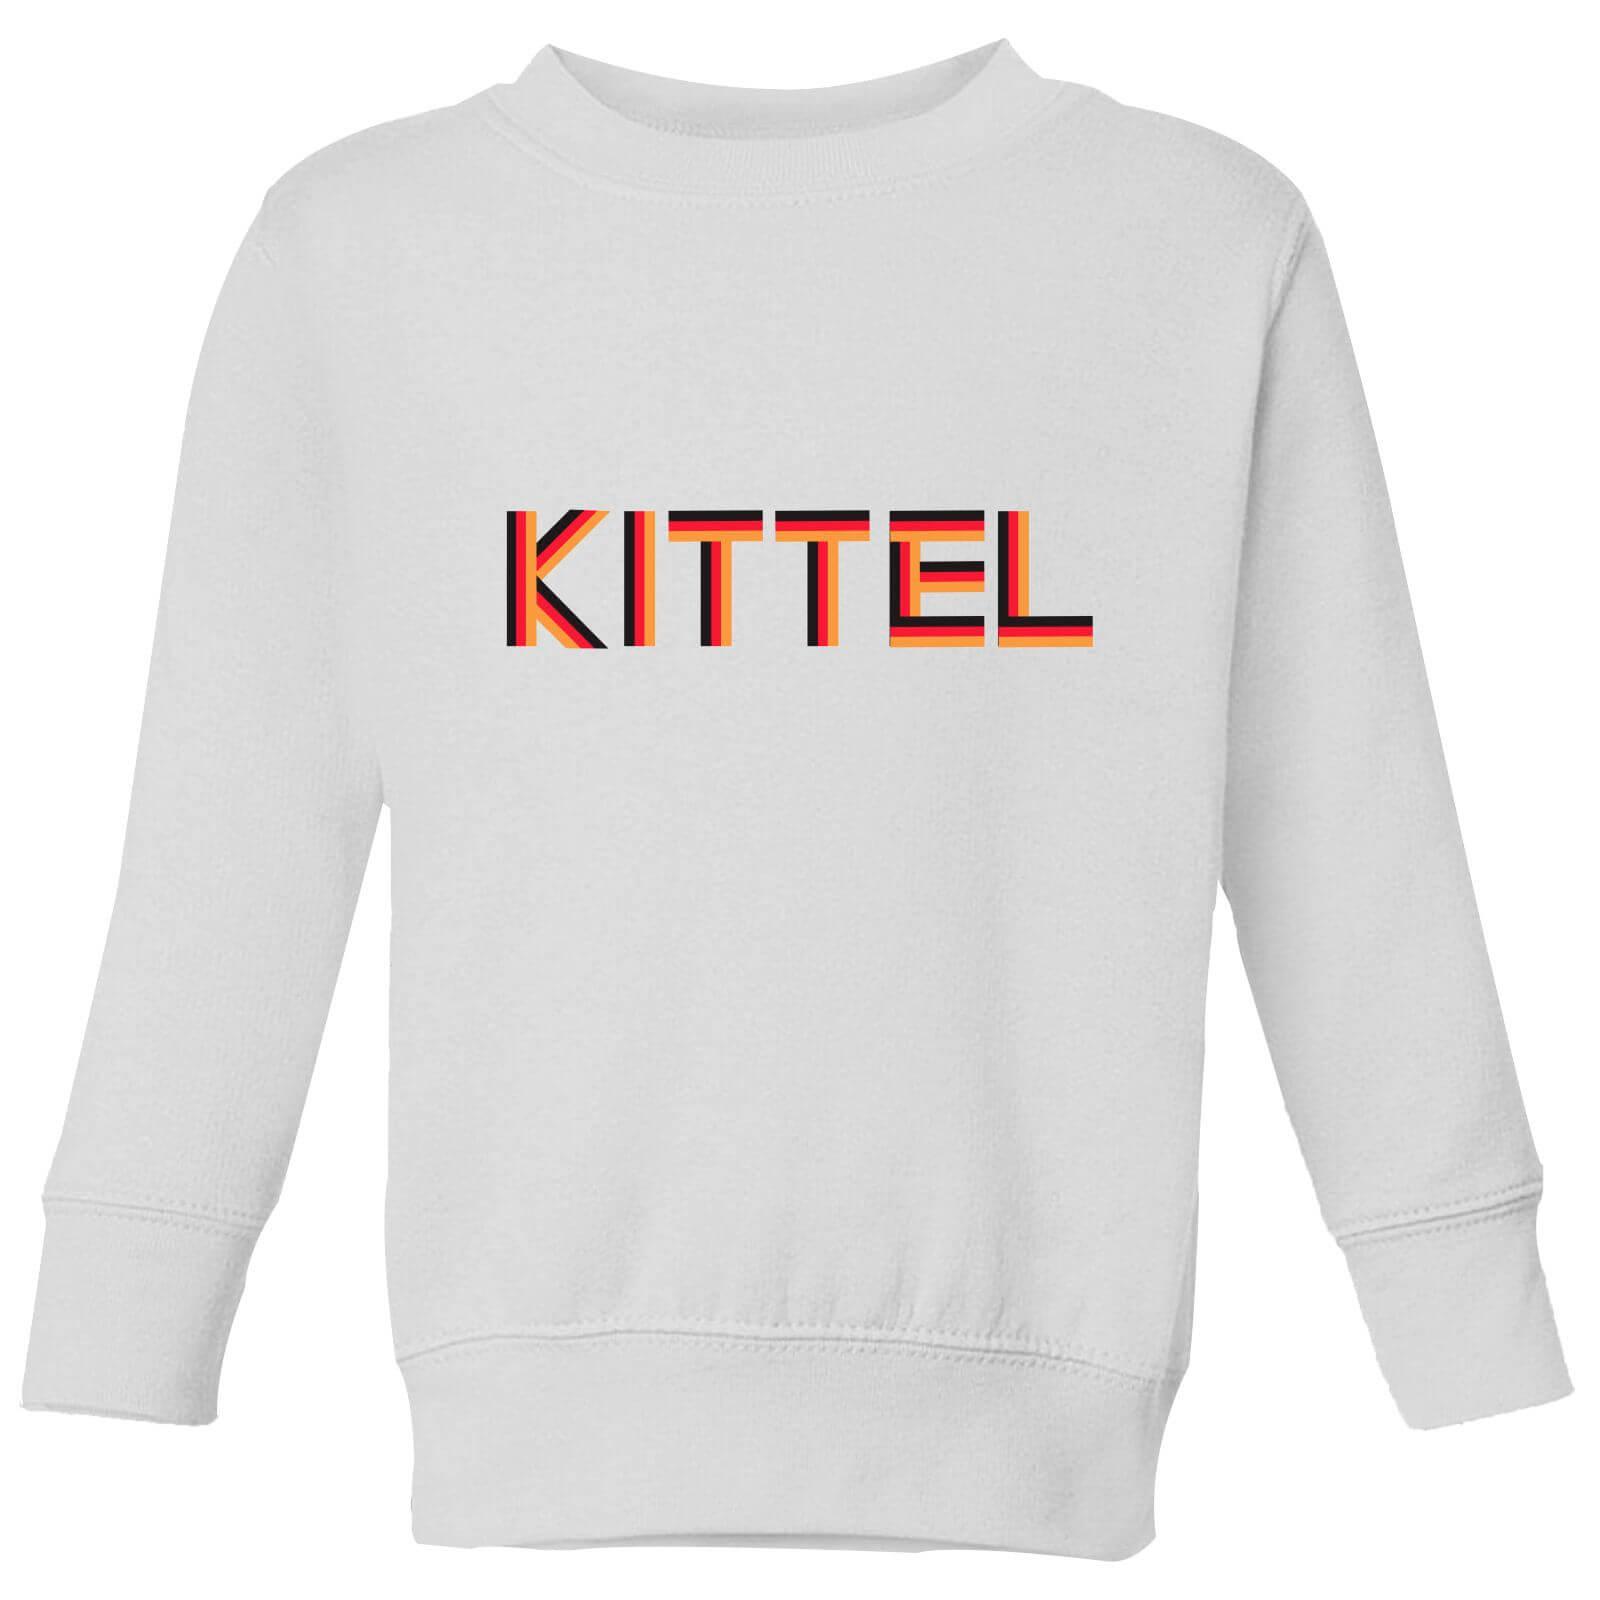 Summit Finish Kittel - Rider Name Kids' Sweatshirt - White - 3-4 Years - White